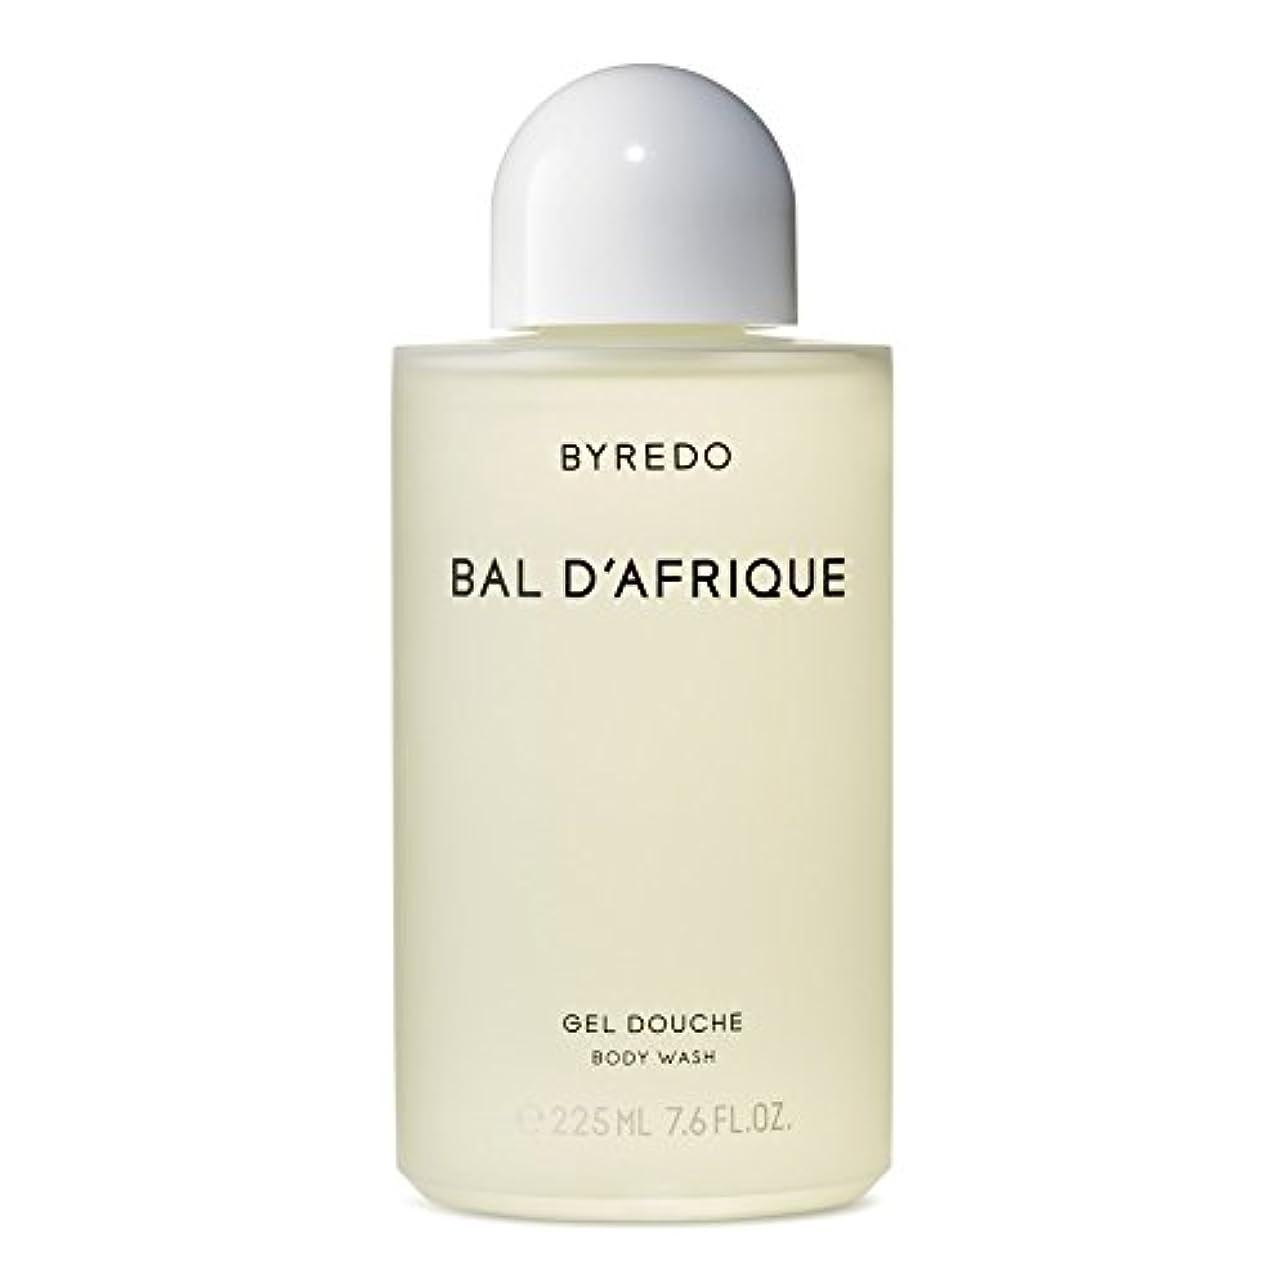 記録アミューズ何よりもByredo Bal d'Afrique Body Wash 225ml - 'のボディウォッシュ225ミリリットル [並行輸入品]